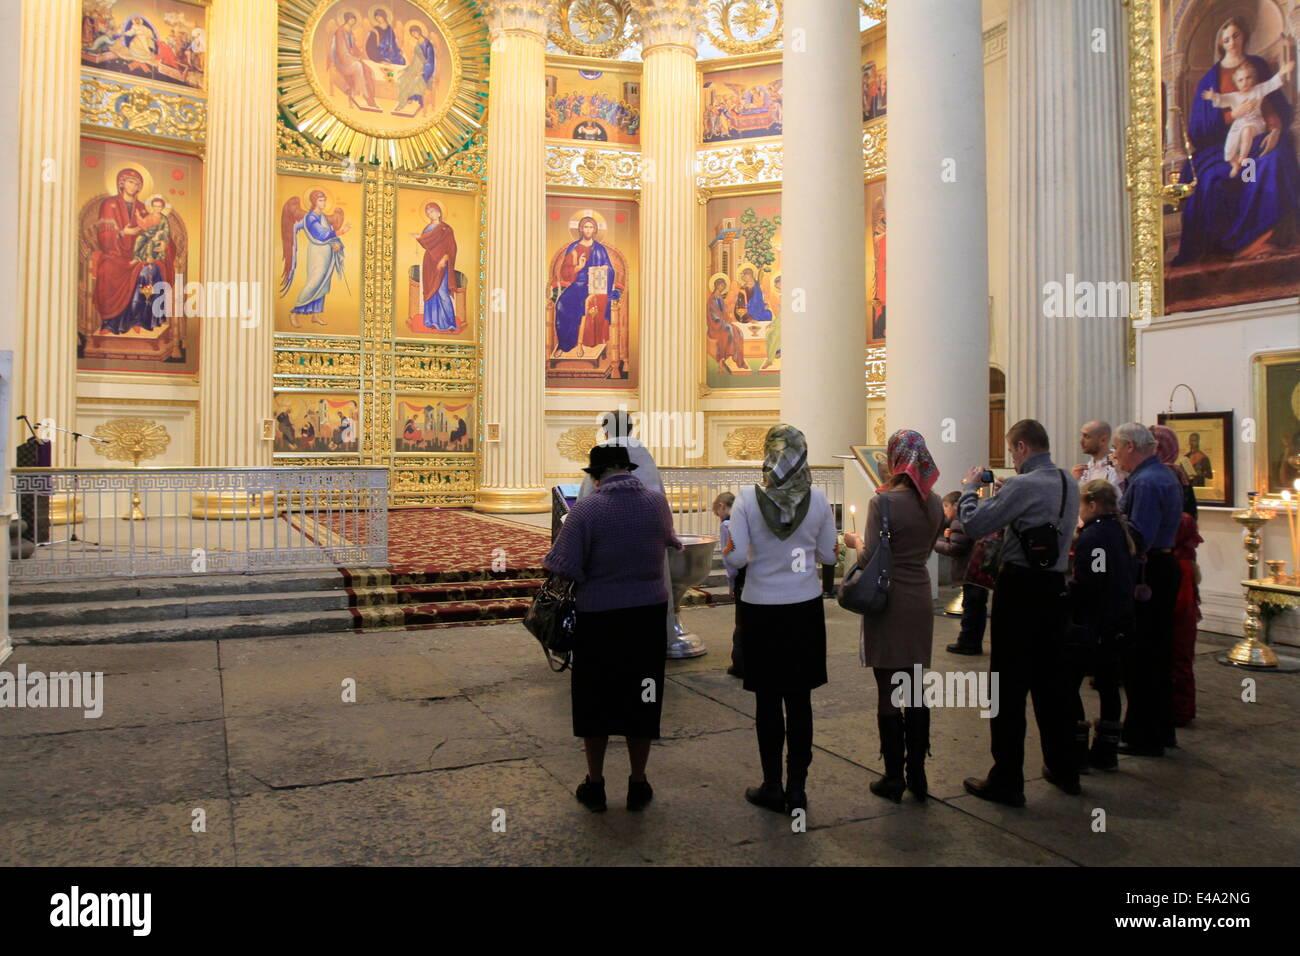 Le baptême orthodoxe, la cathédrale de la Trinité, Saint-Pétersbourg, Russie, Europe Photo Stock